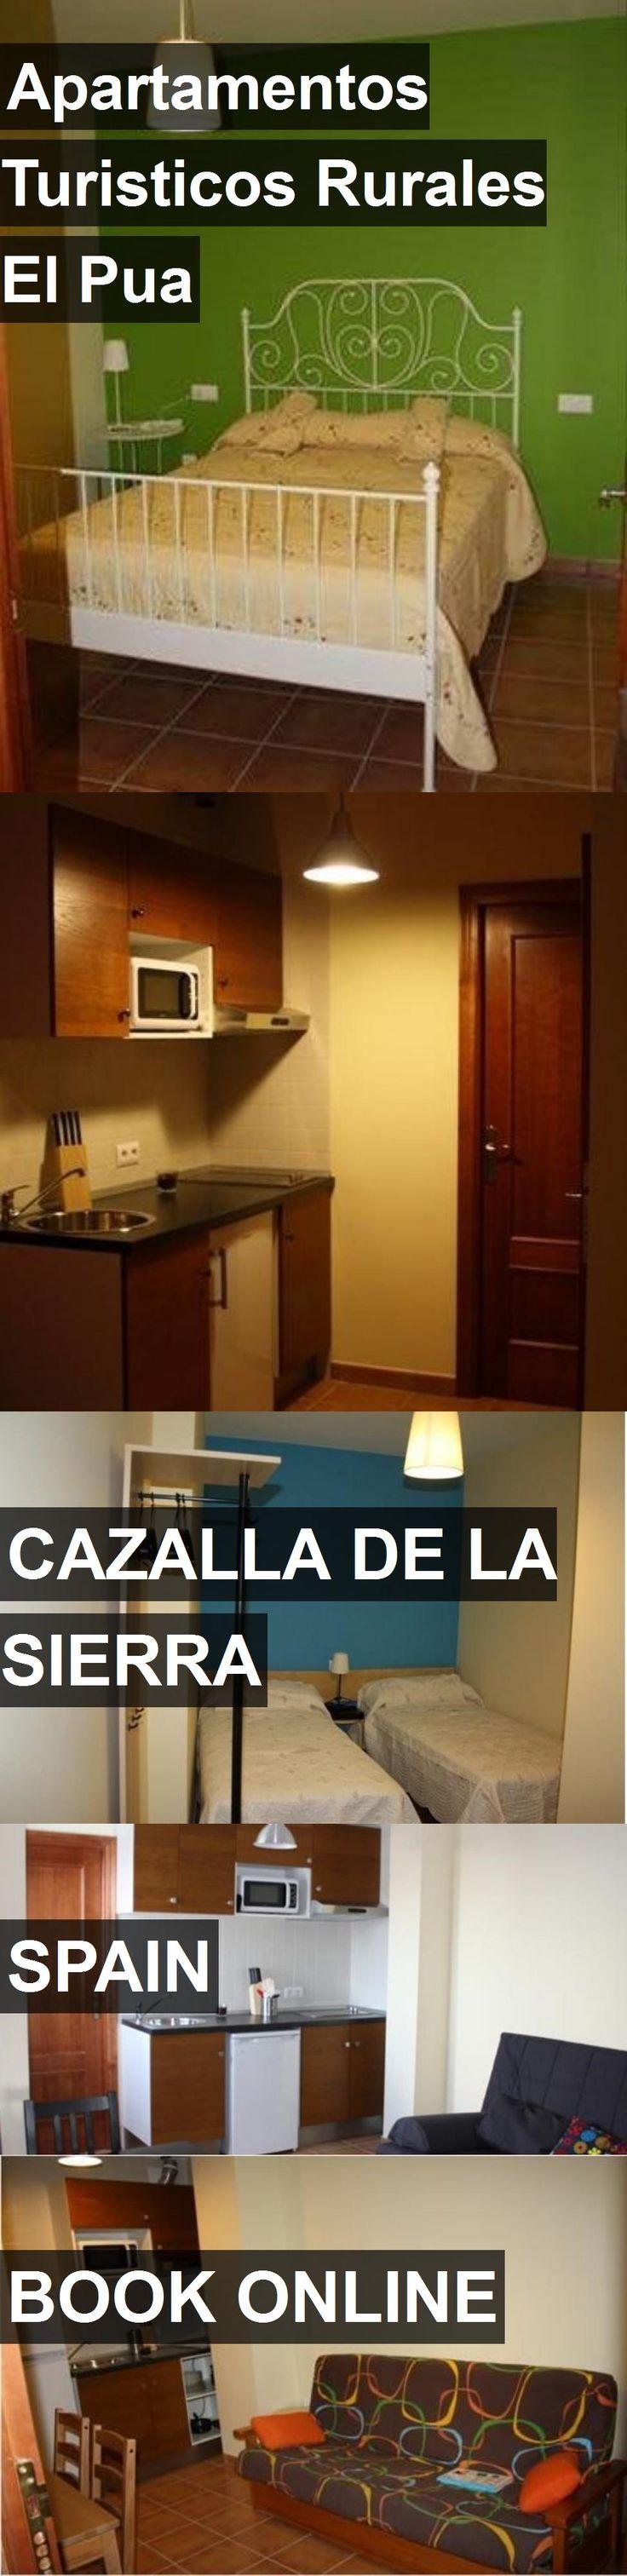 Hotel Apartamentos Turisticos Rurales El Pua in Cazalla de la Sierra, Spain. For more information, photos, reviews and best prices please follow the link. #Spain #CazalladelaSierra #ApartamentosTuristicosRuralesElPua #hotel #travel #vacation